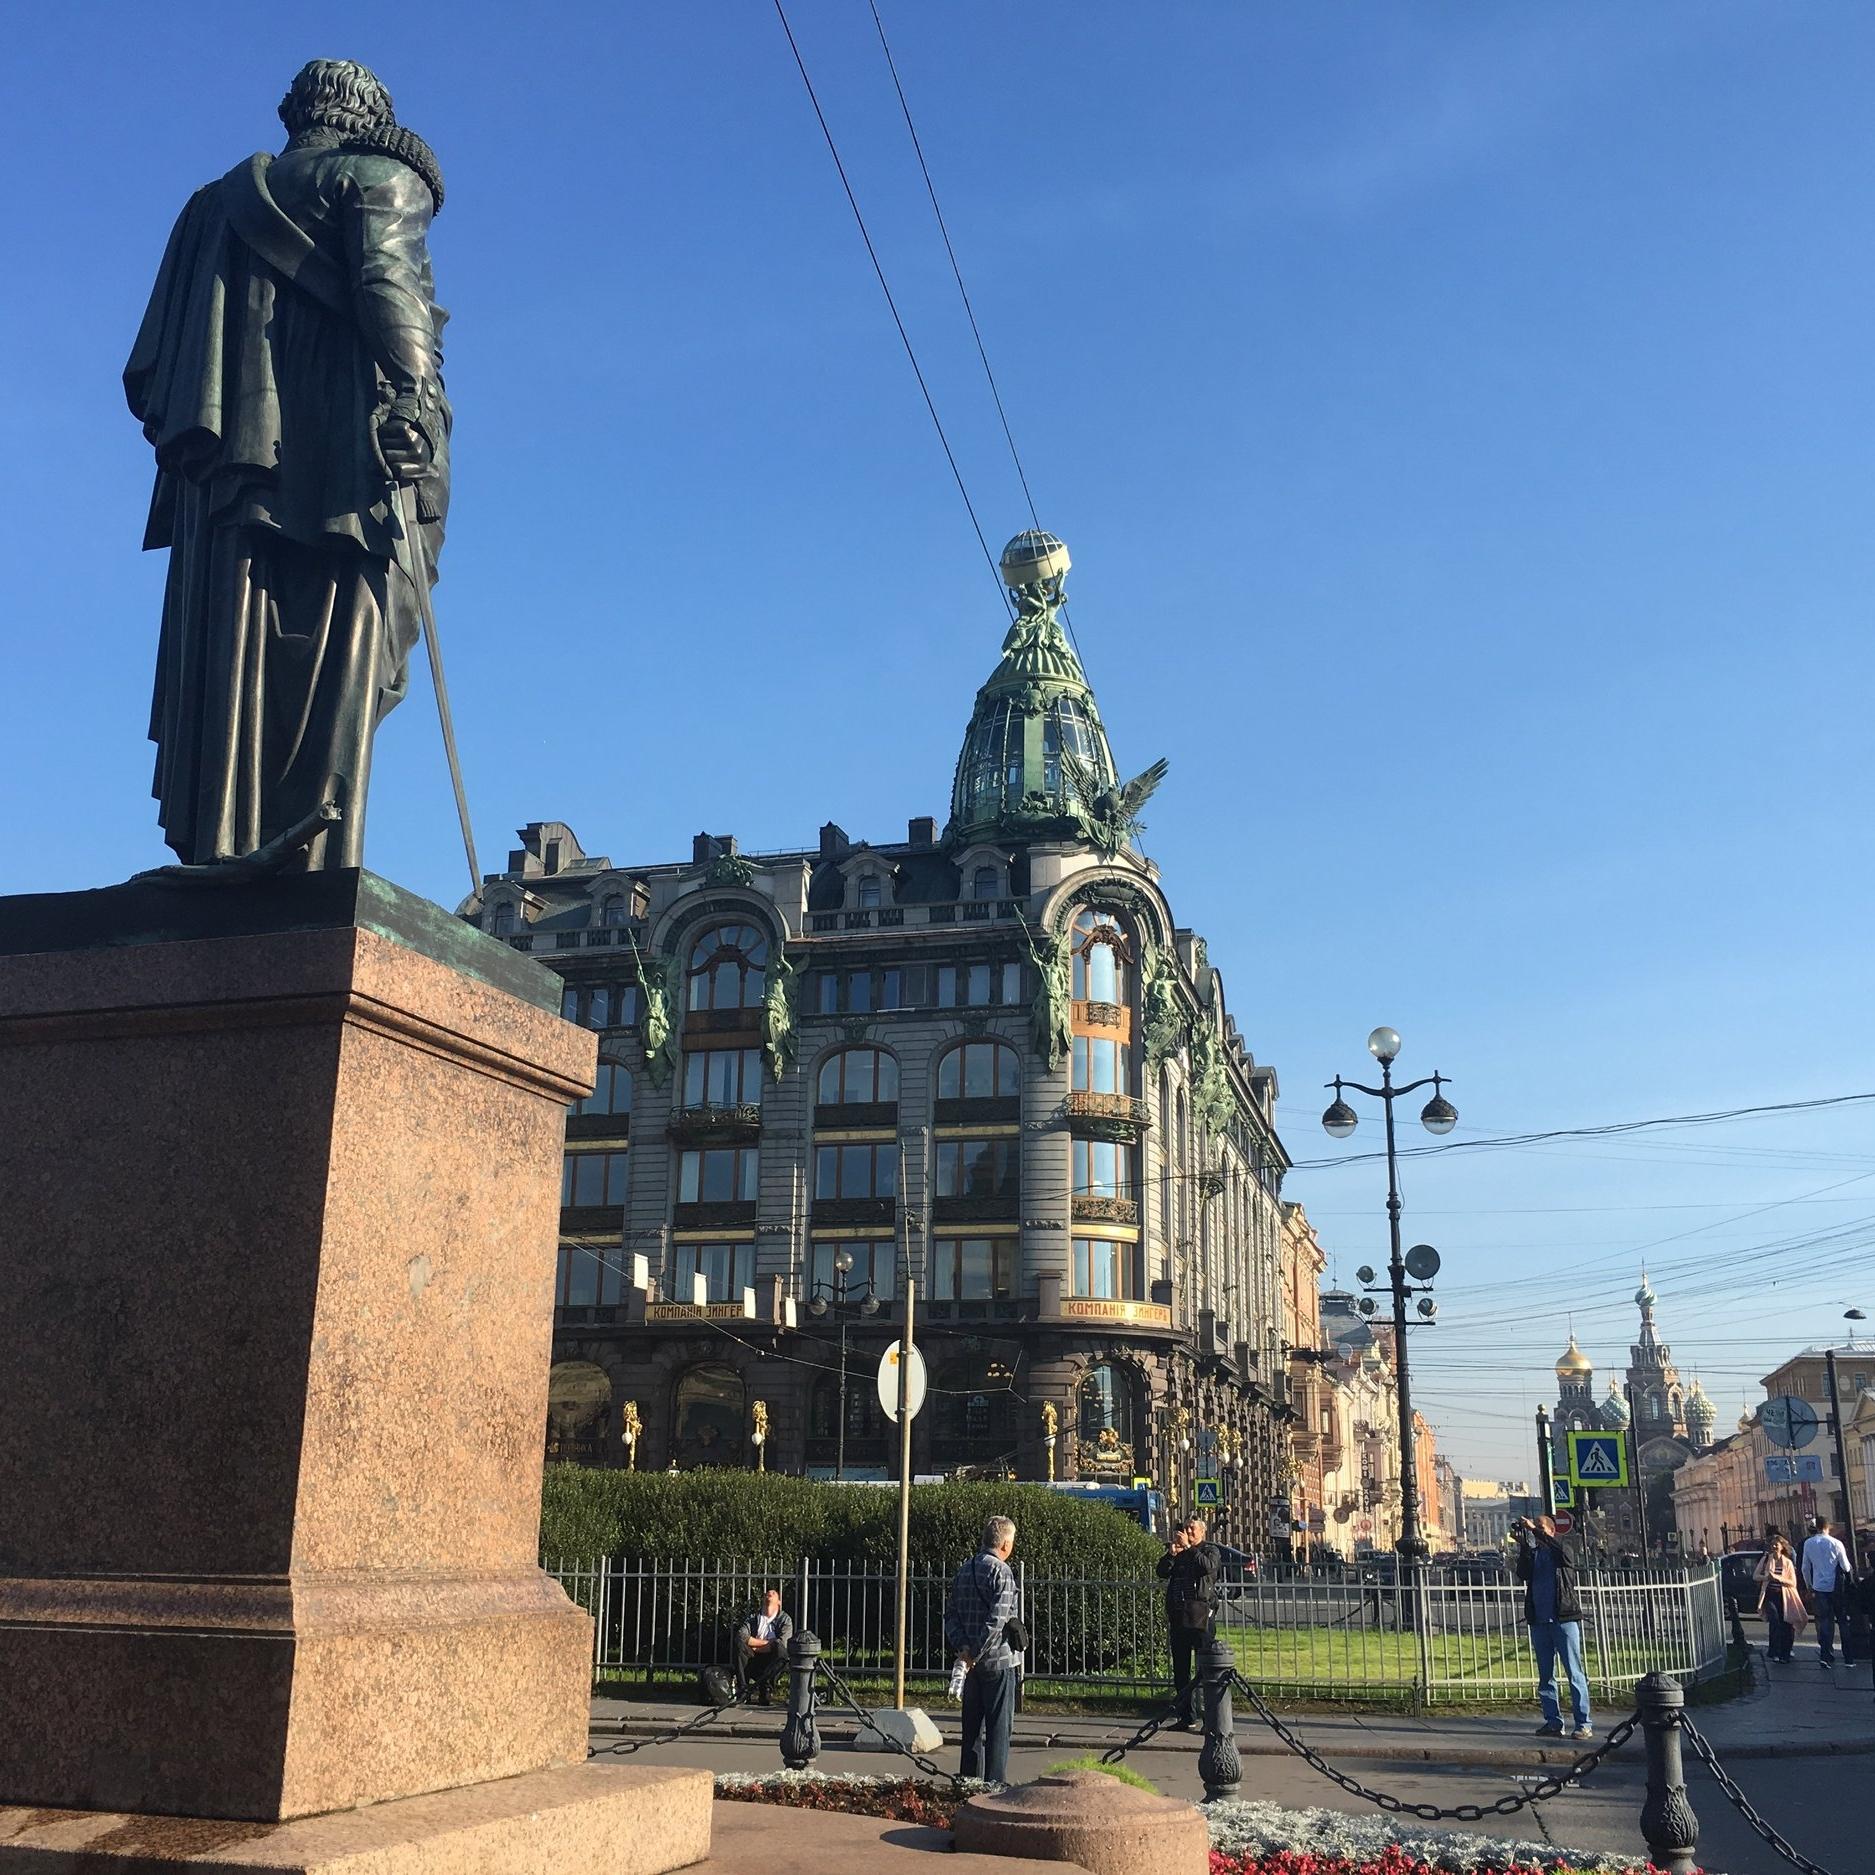 Nevsky Avenue, outside Kazan Cathedral, by The Doubtful Traveller